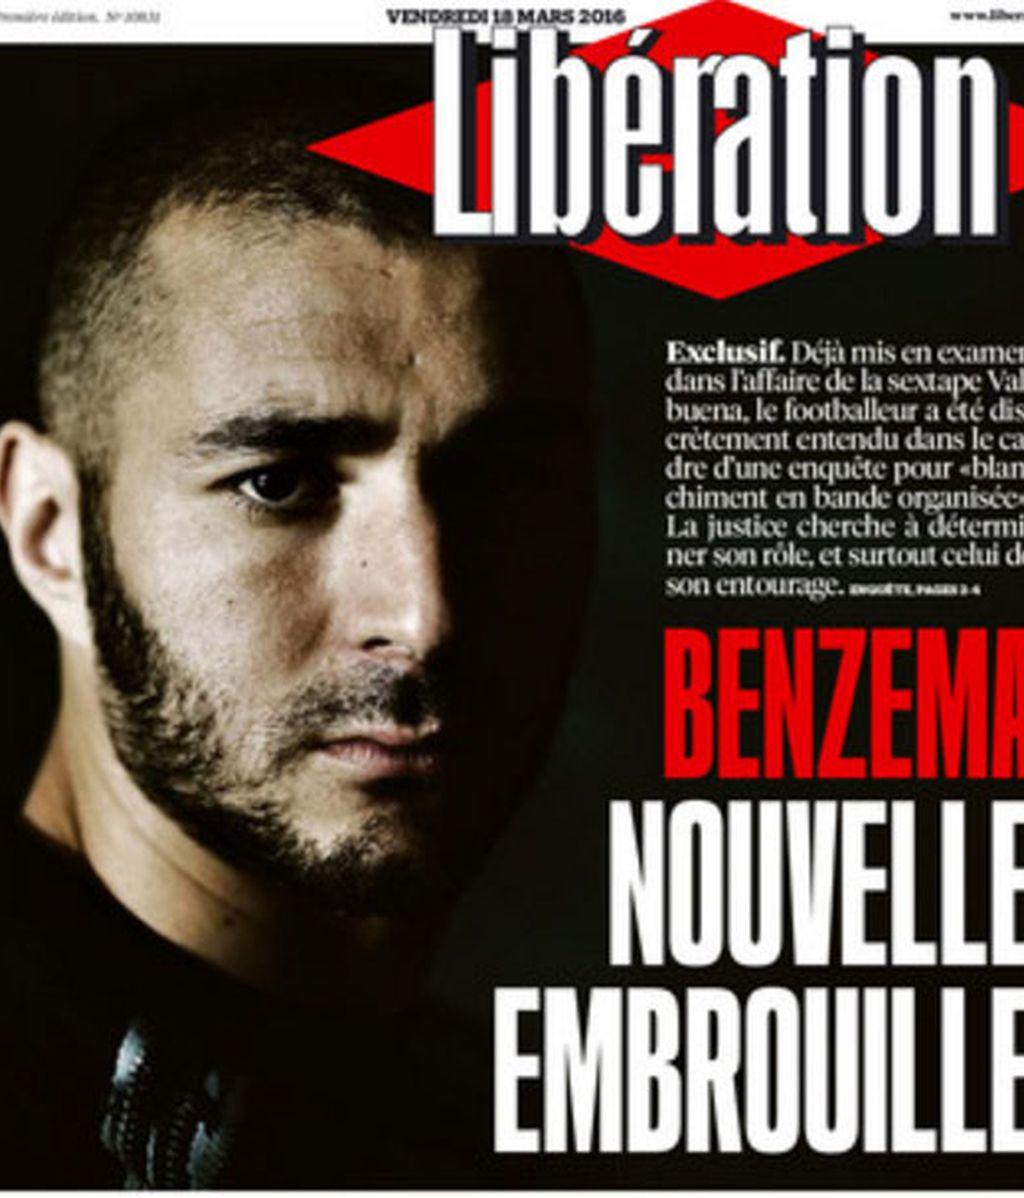 Karim Benzema,Benzema